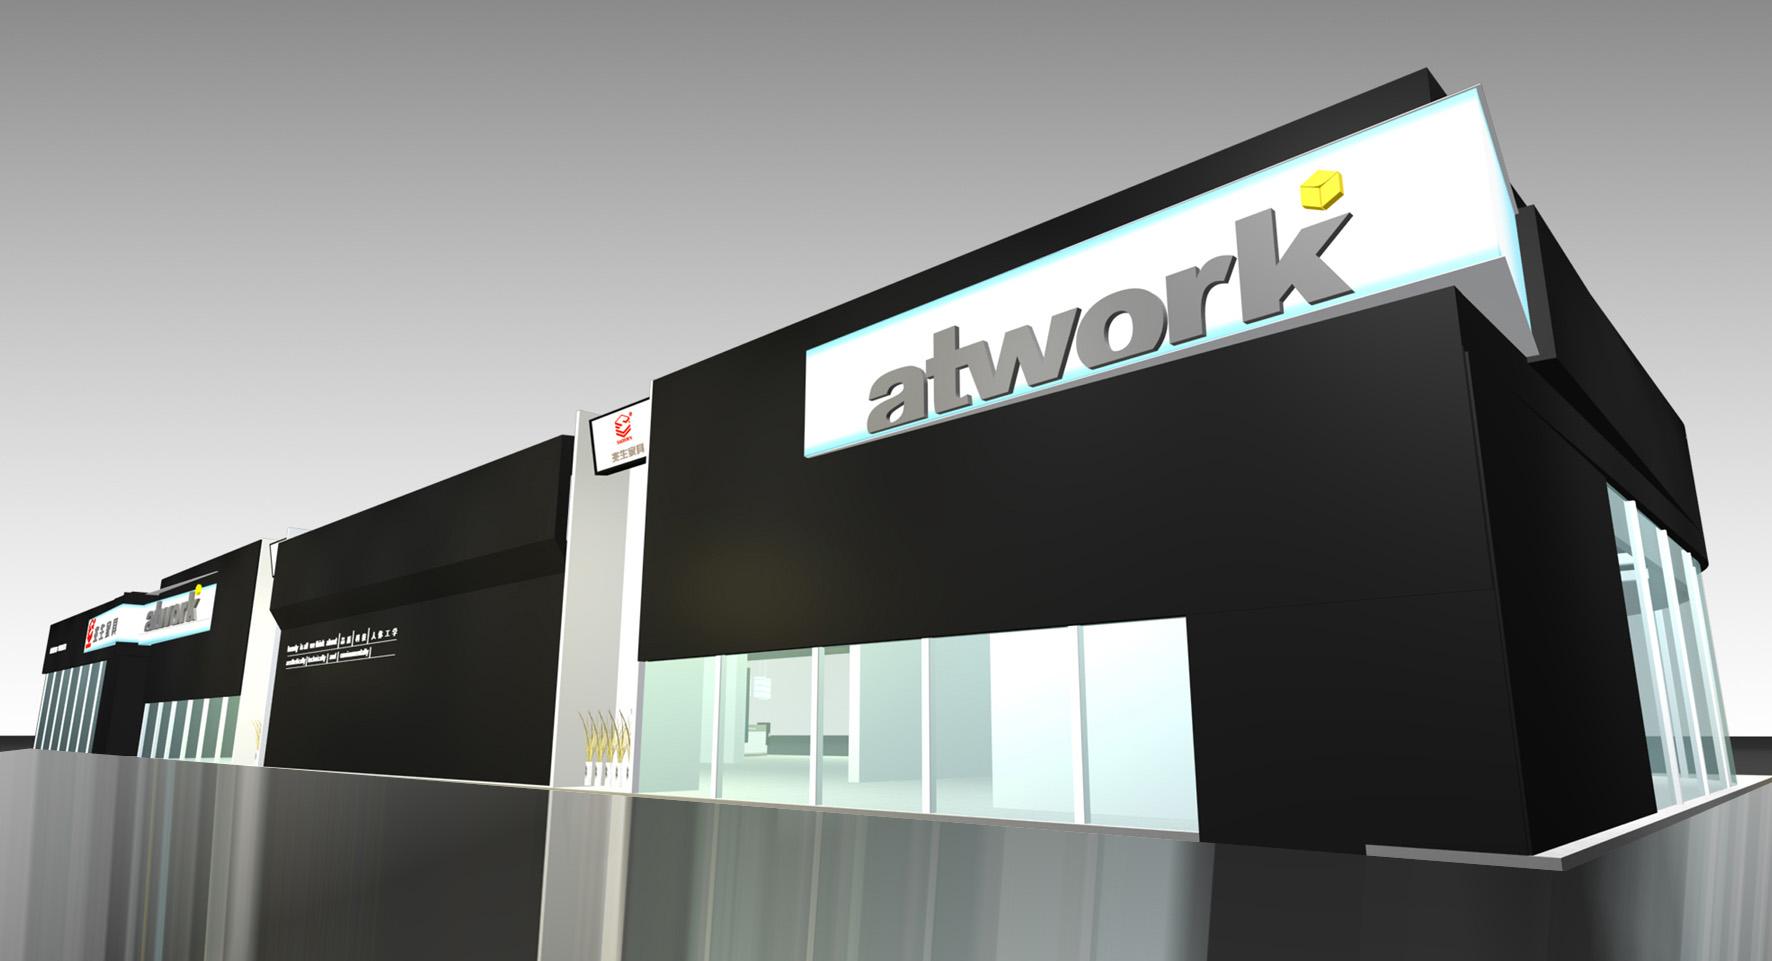 中国展览设计网|国外展台搭建|展览搭建|展位设计搭建|展台设计搭建